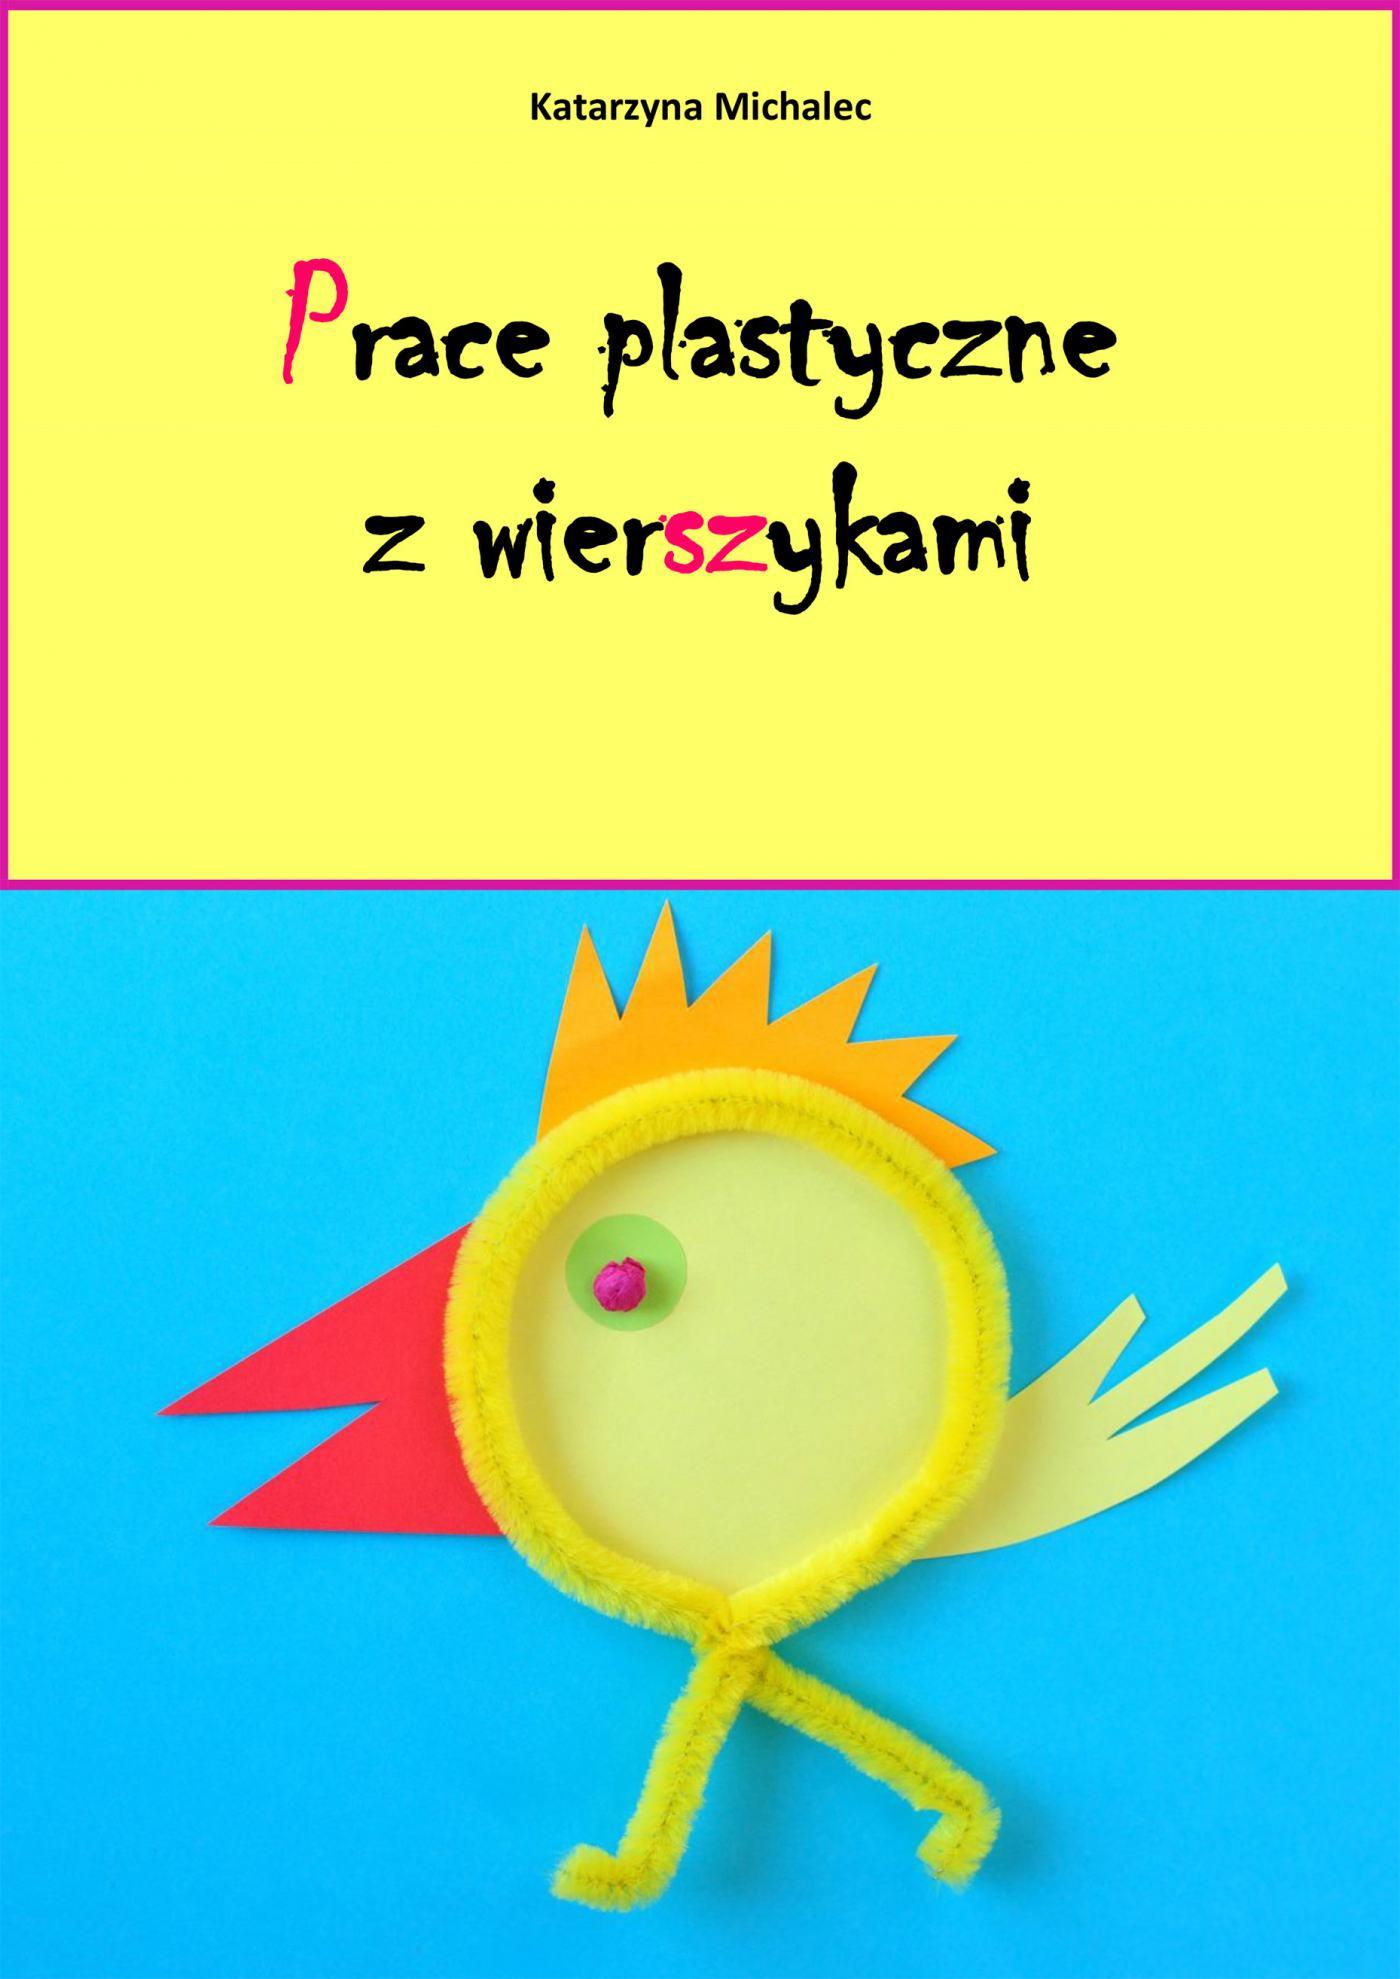 Prace plastyczne z wierszykami - Ebook (Książka PDF) do pobrania w formacie PDF